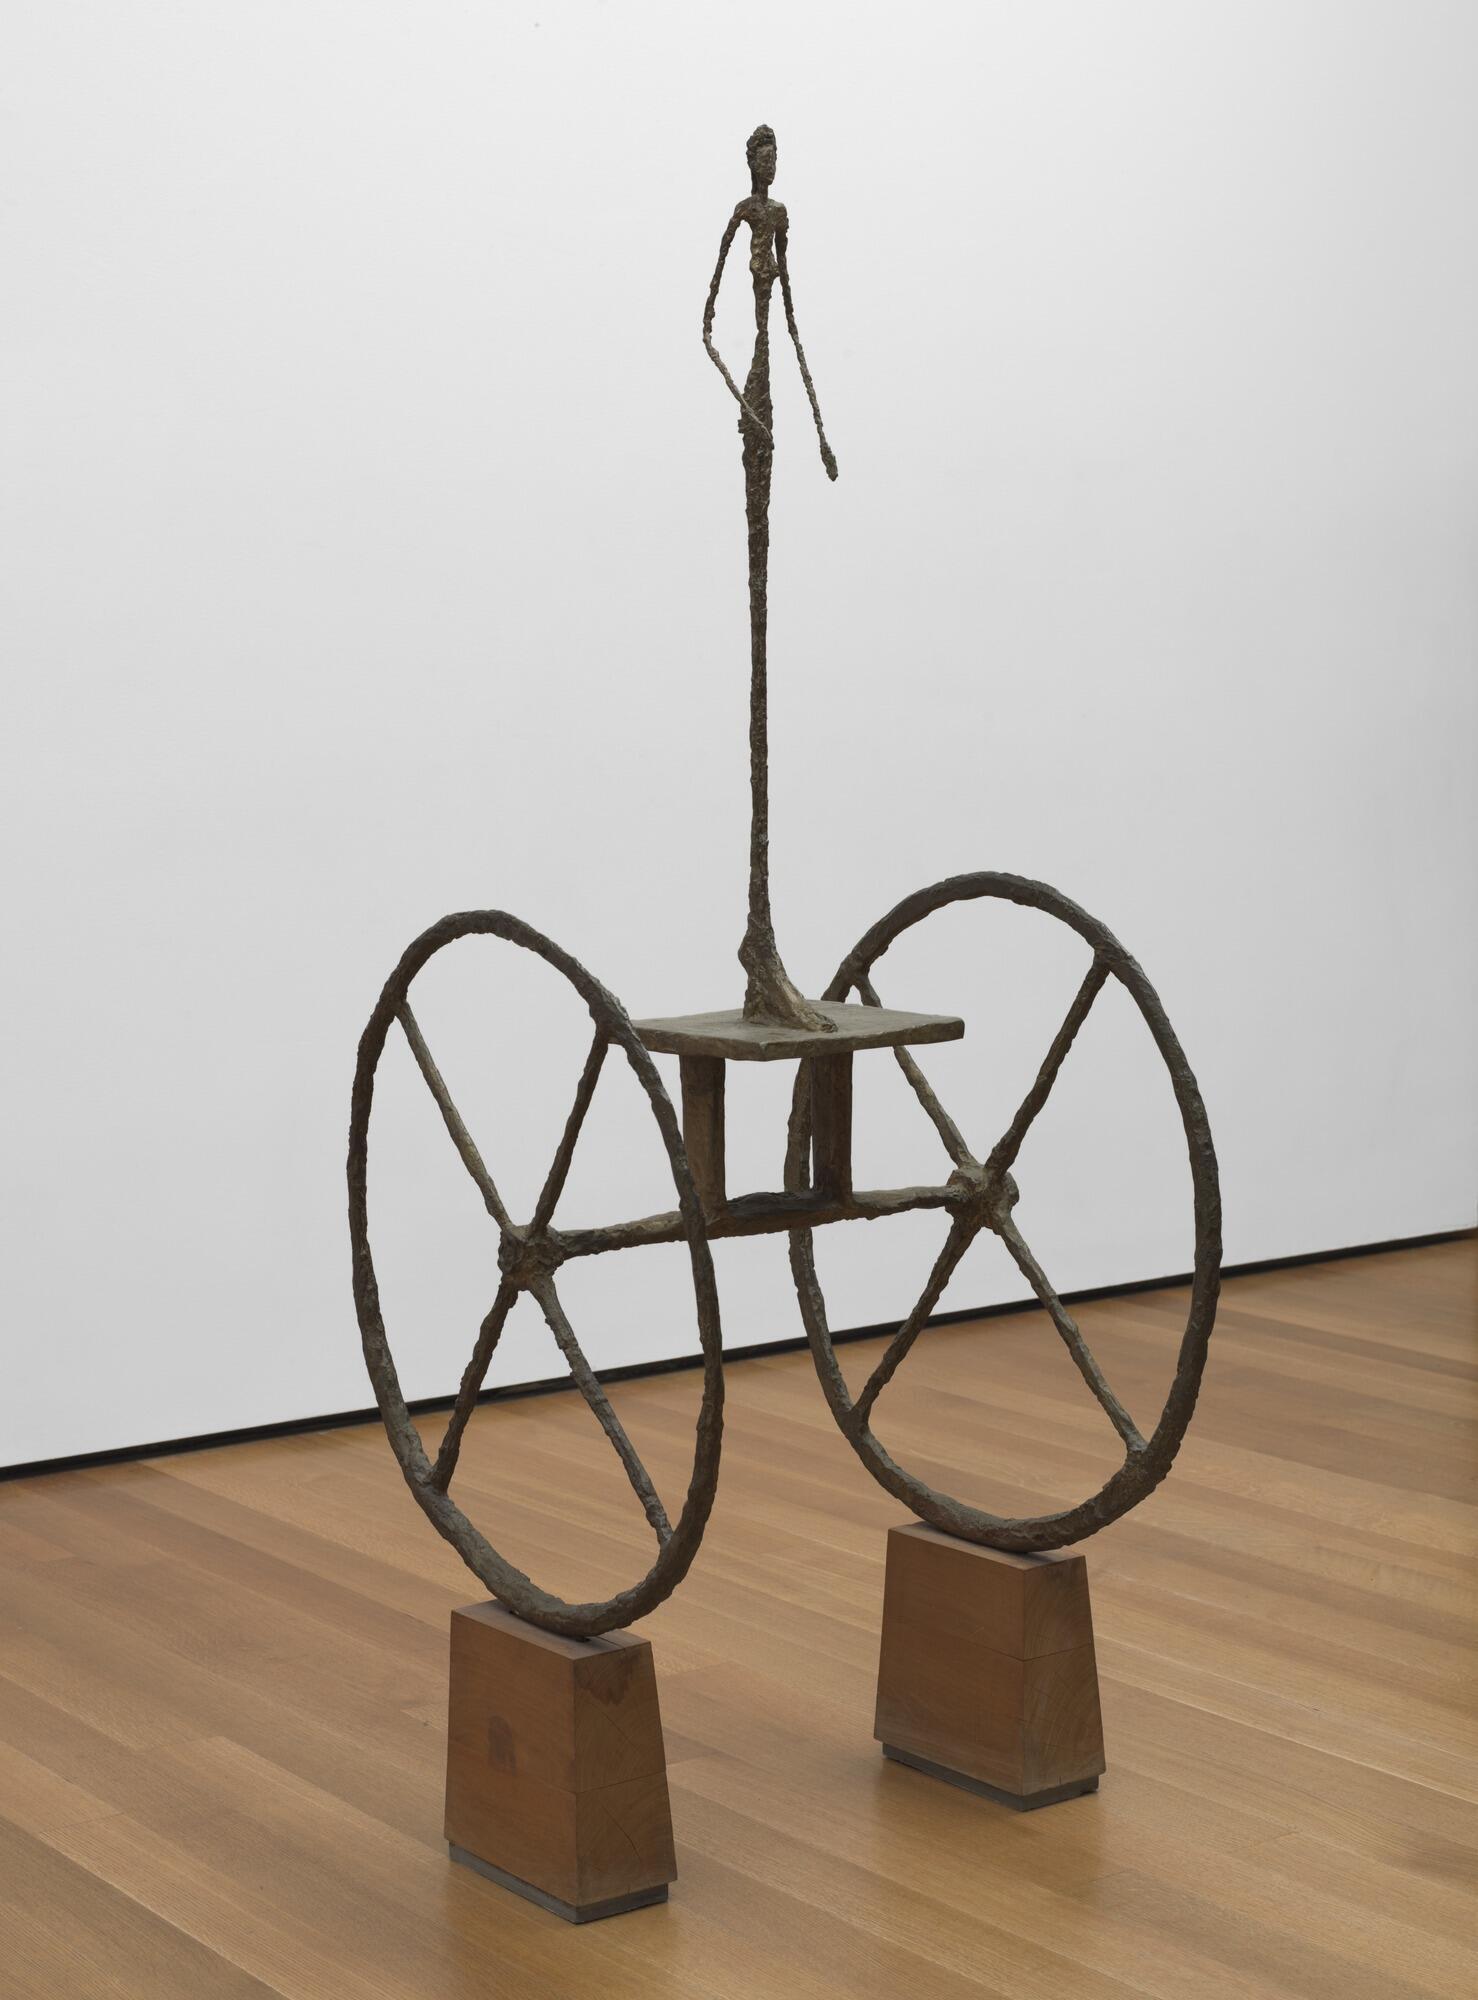 """مجسمه """"گاری"""" اثر """"آلبرتو جاکومِتی"""" از چوب و برنز - ١٩۵٠"""